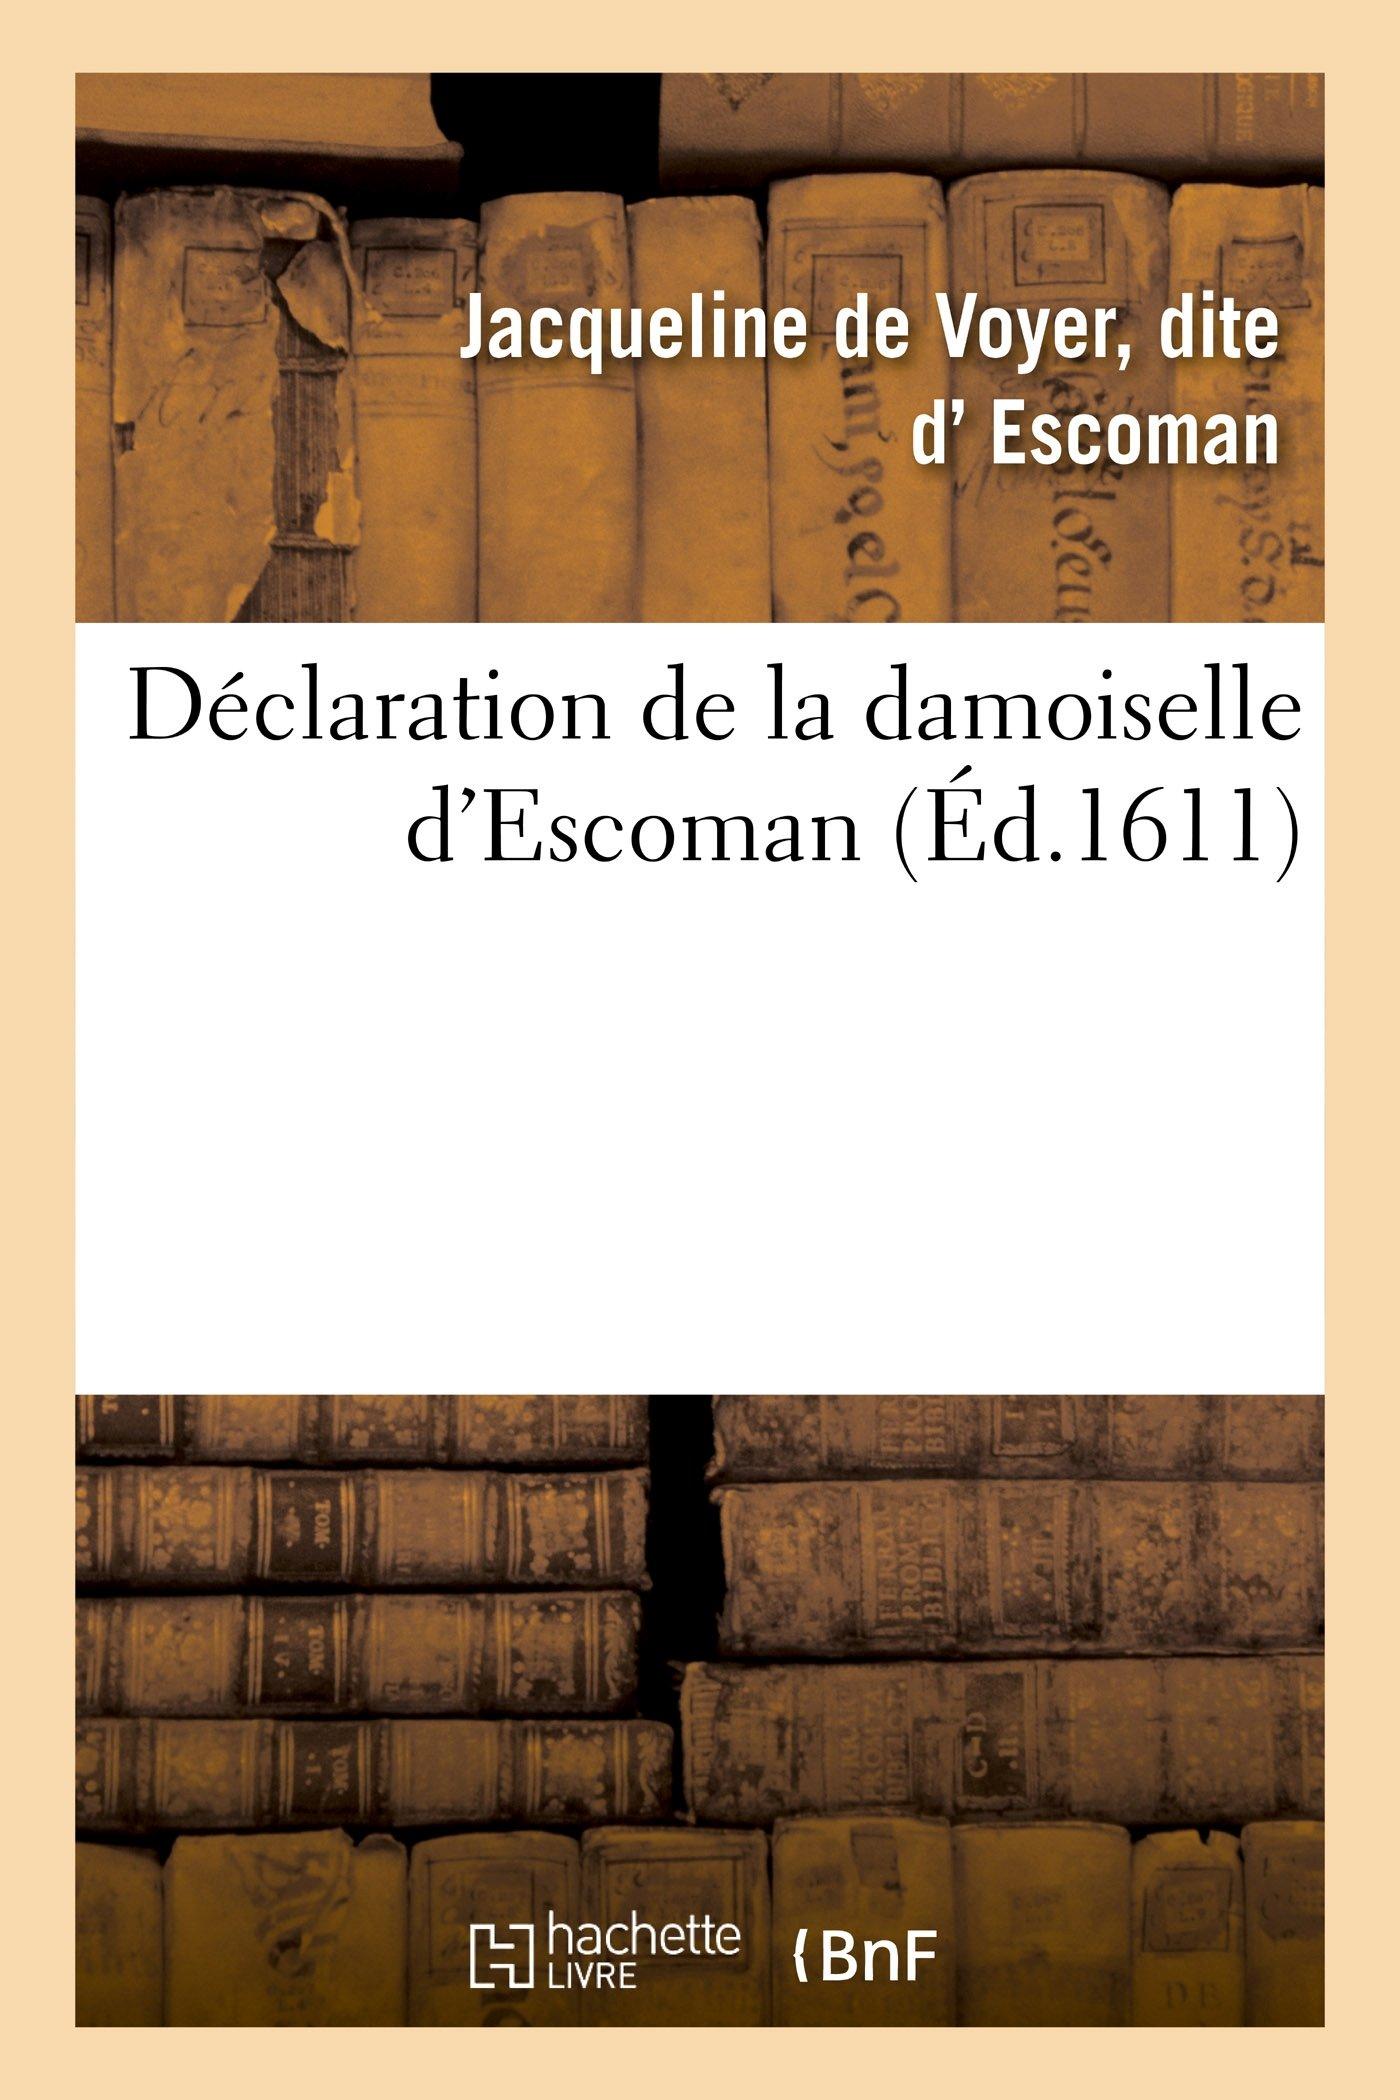 Download Déclaration damoiselle d'Escoman sur intentions, actions du cruel parricide commis personne du Roy (Histoire) (French Edition) PDF